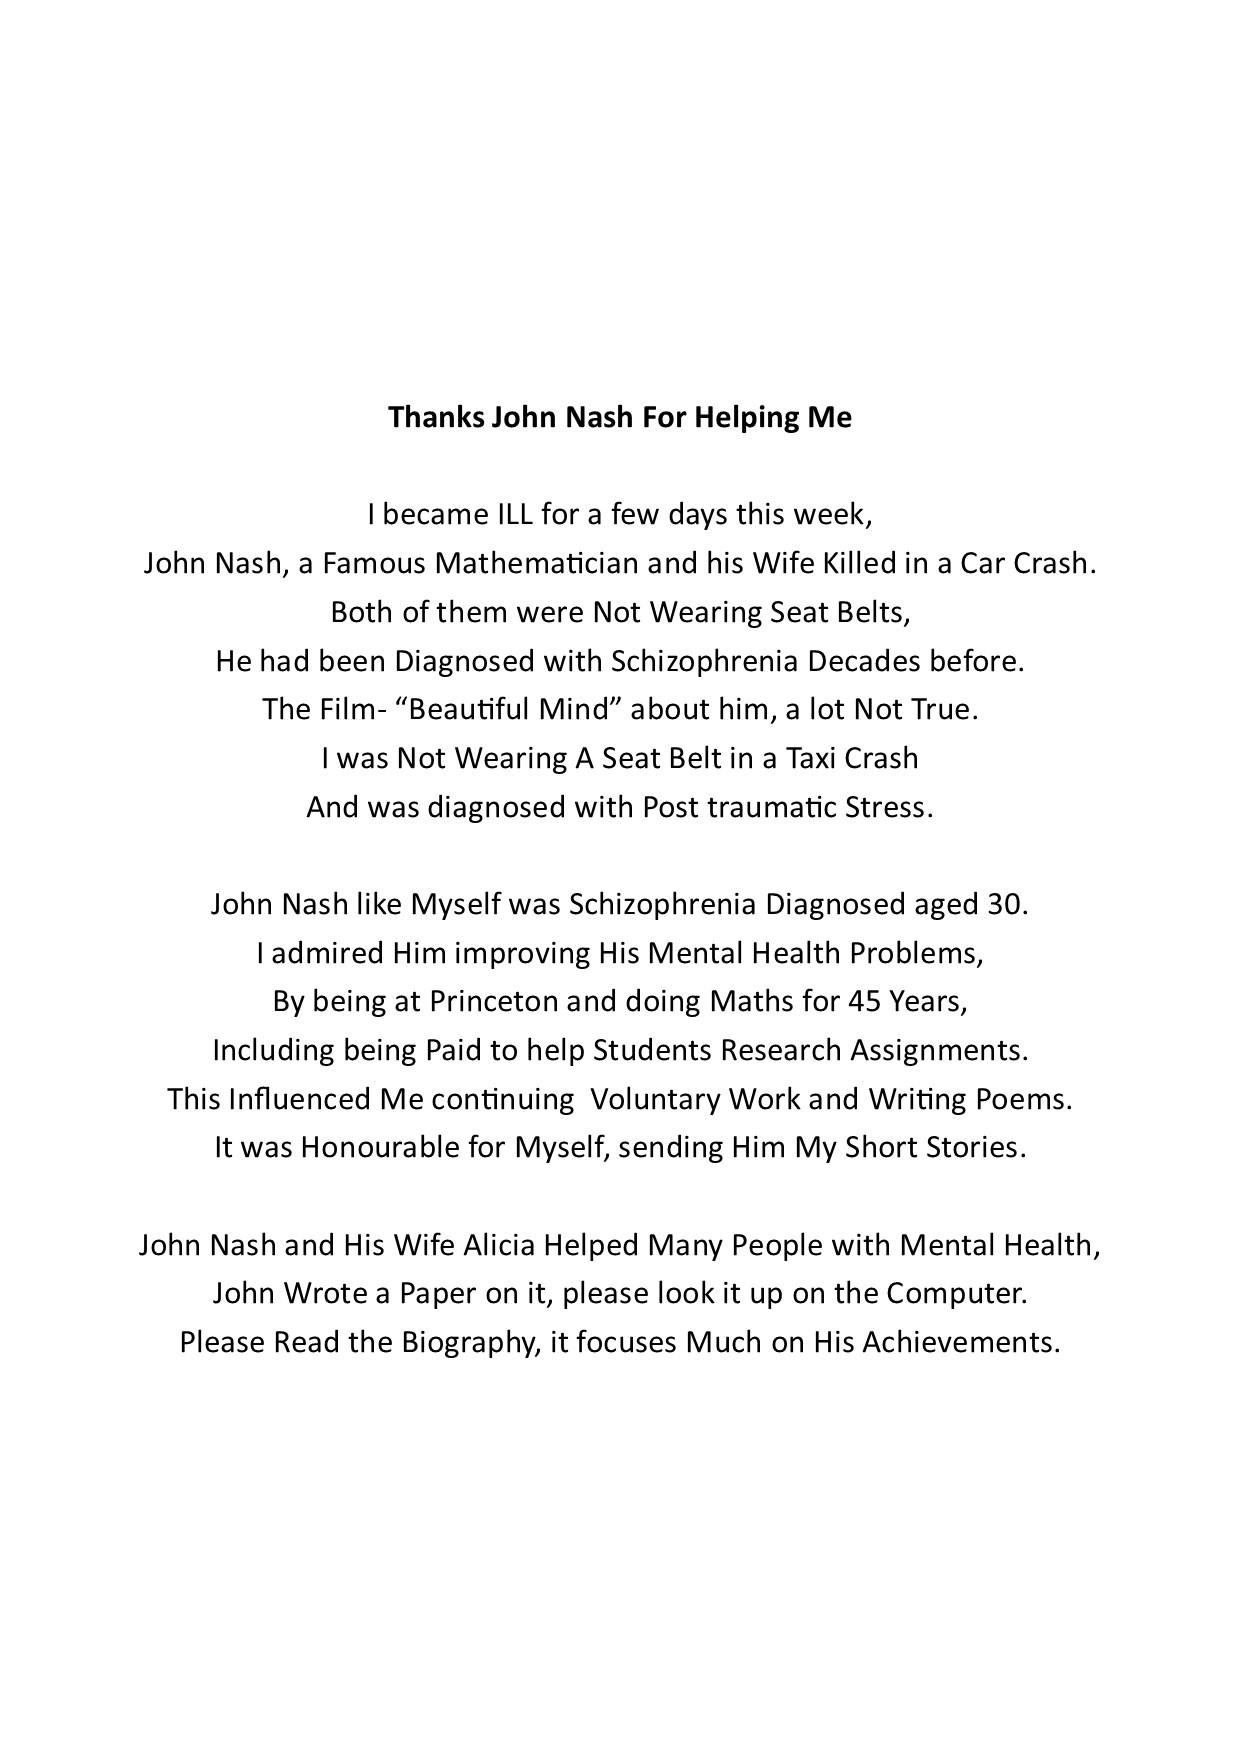 Thanks John Nash for Helping Me_Website.jpg